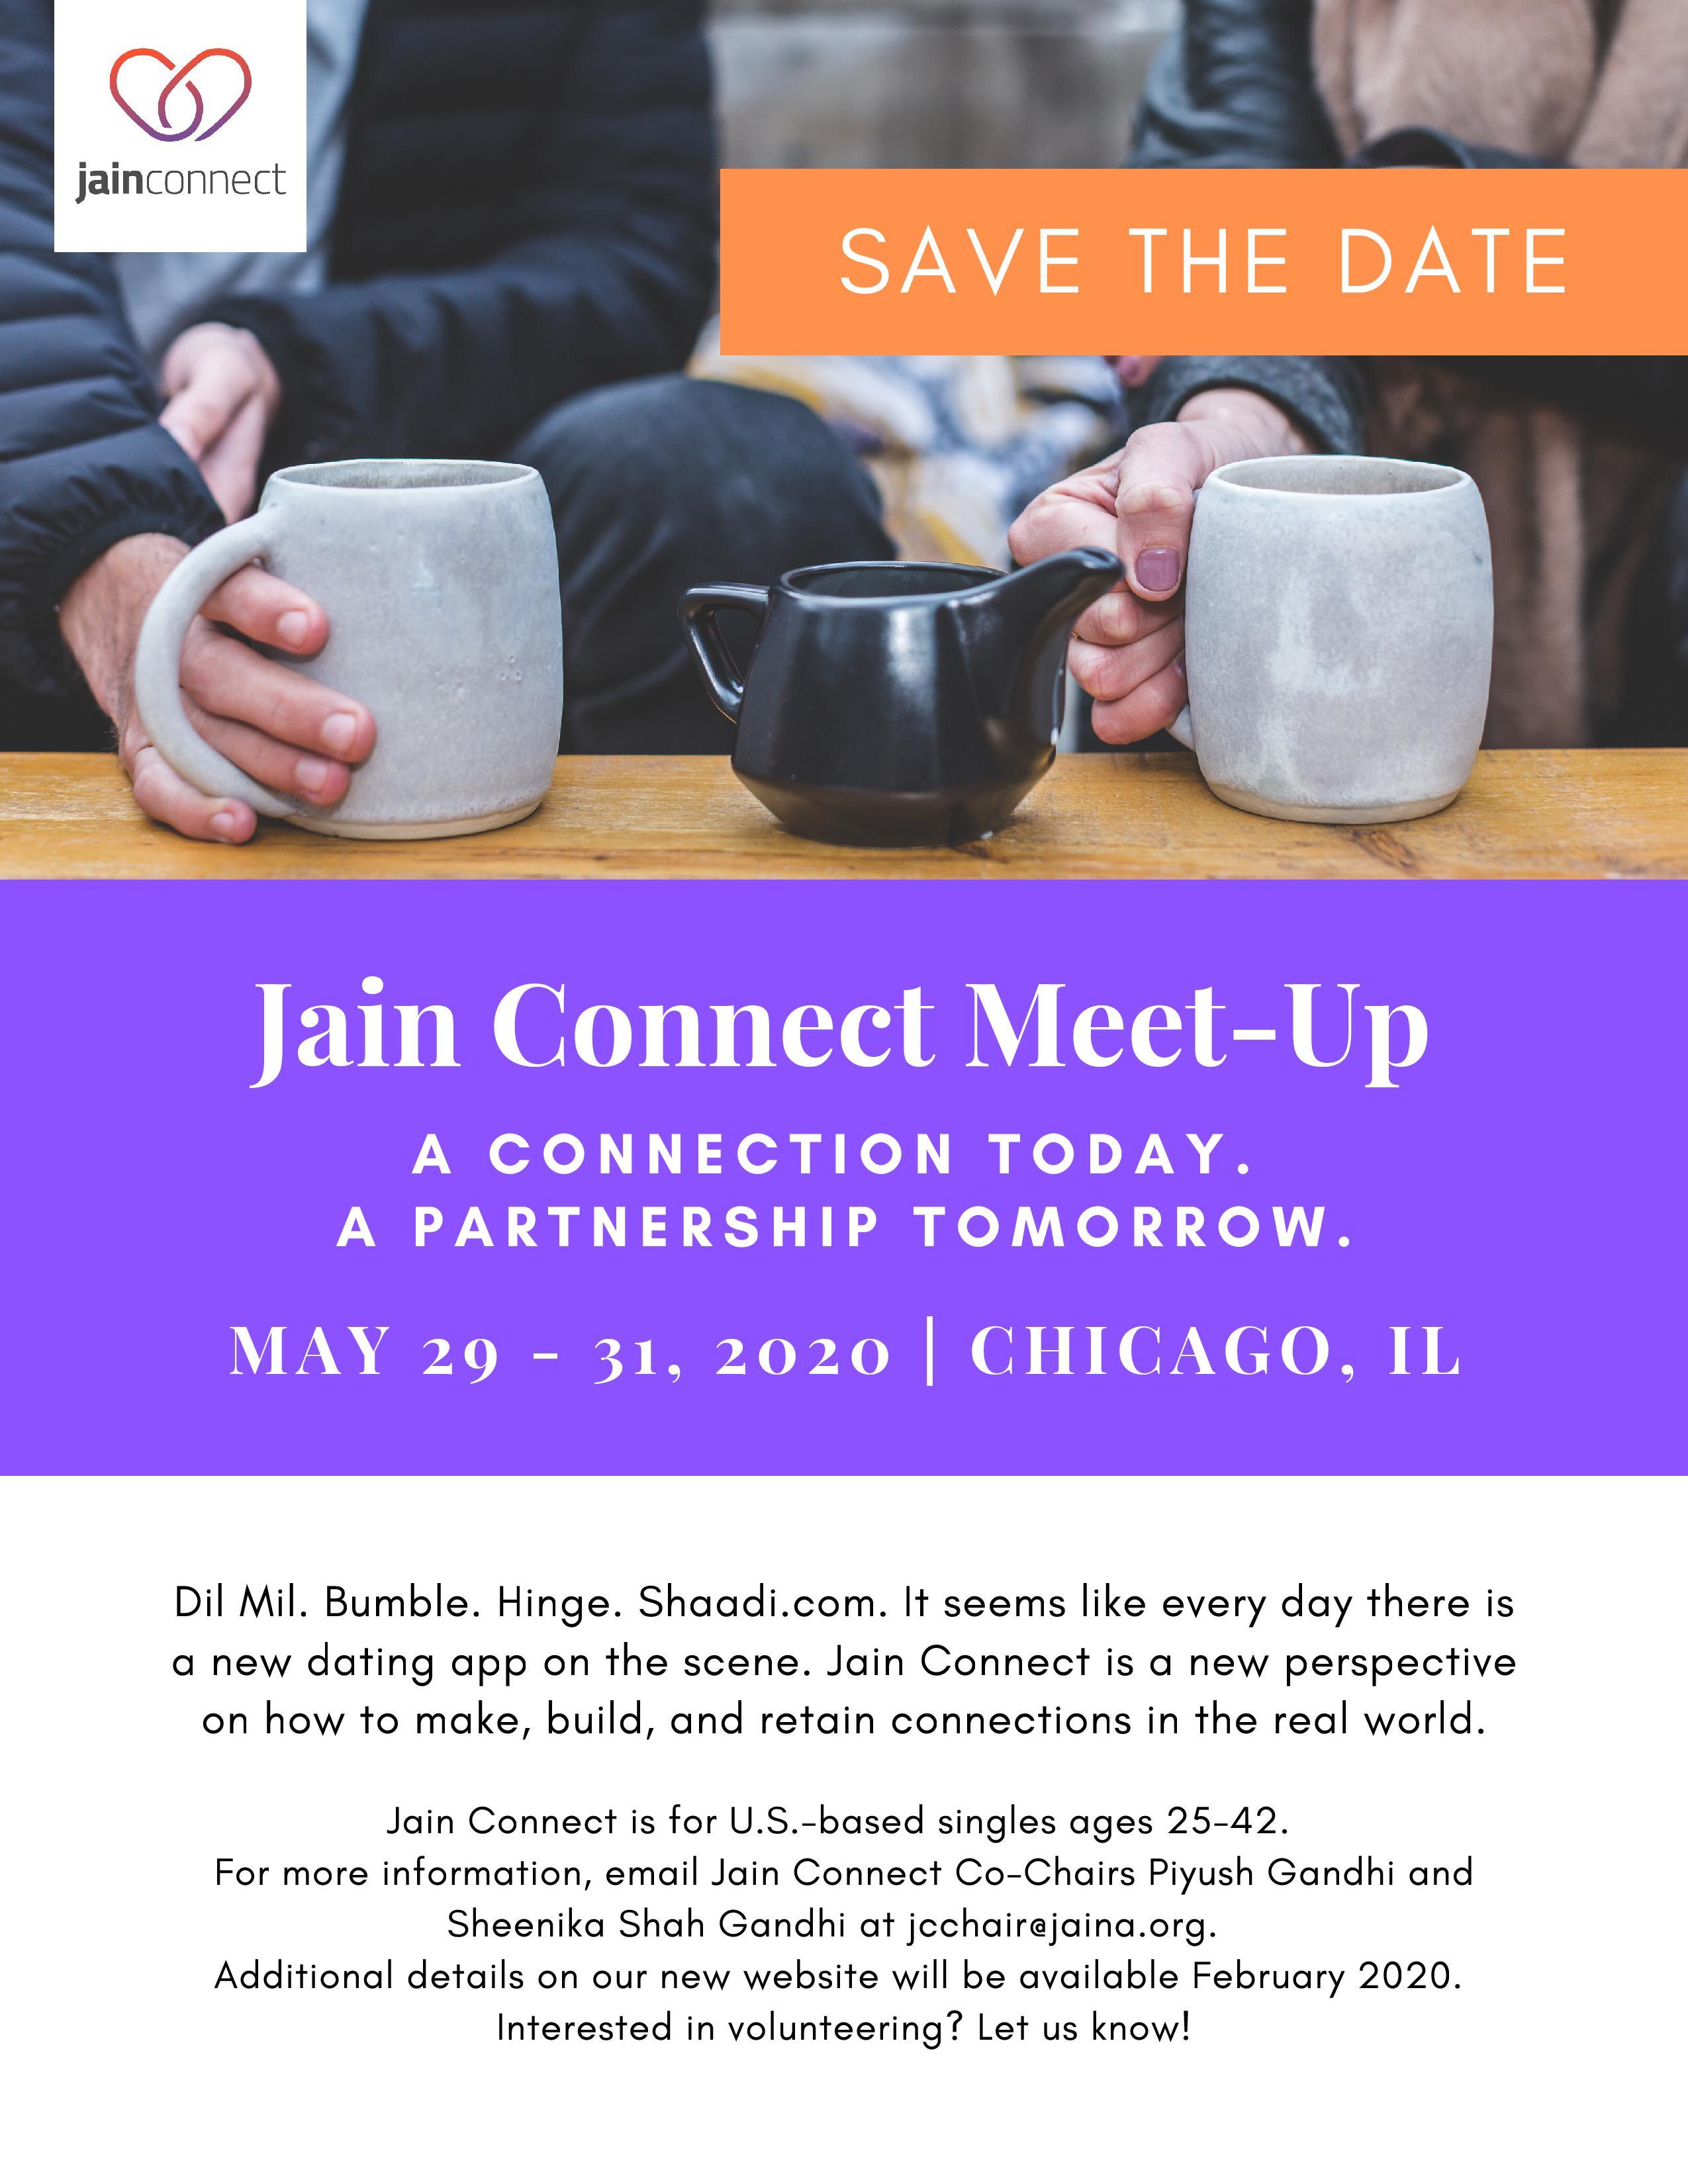 Jain Connect